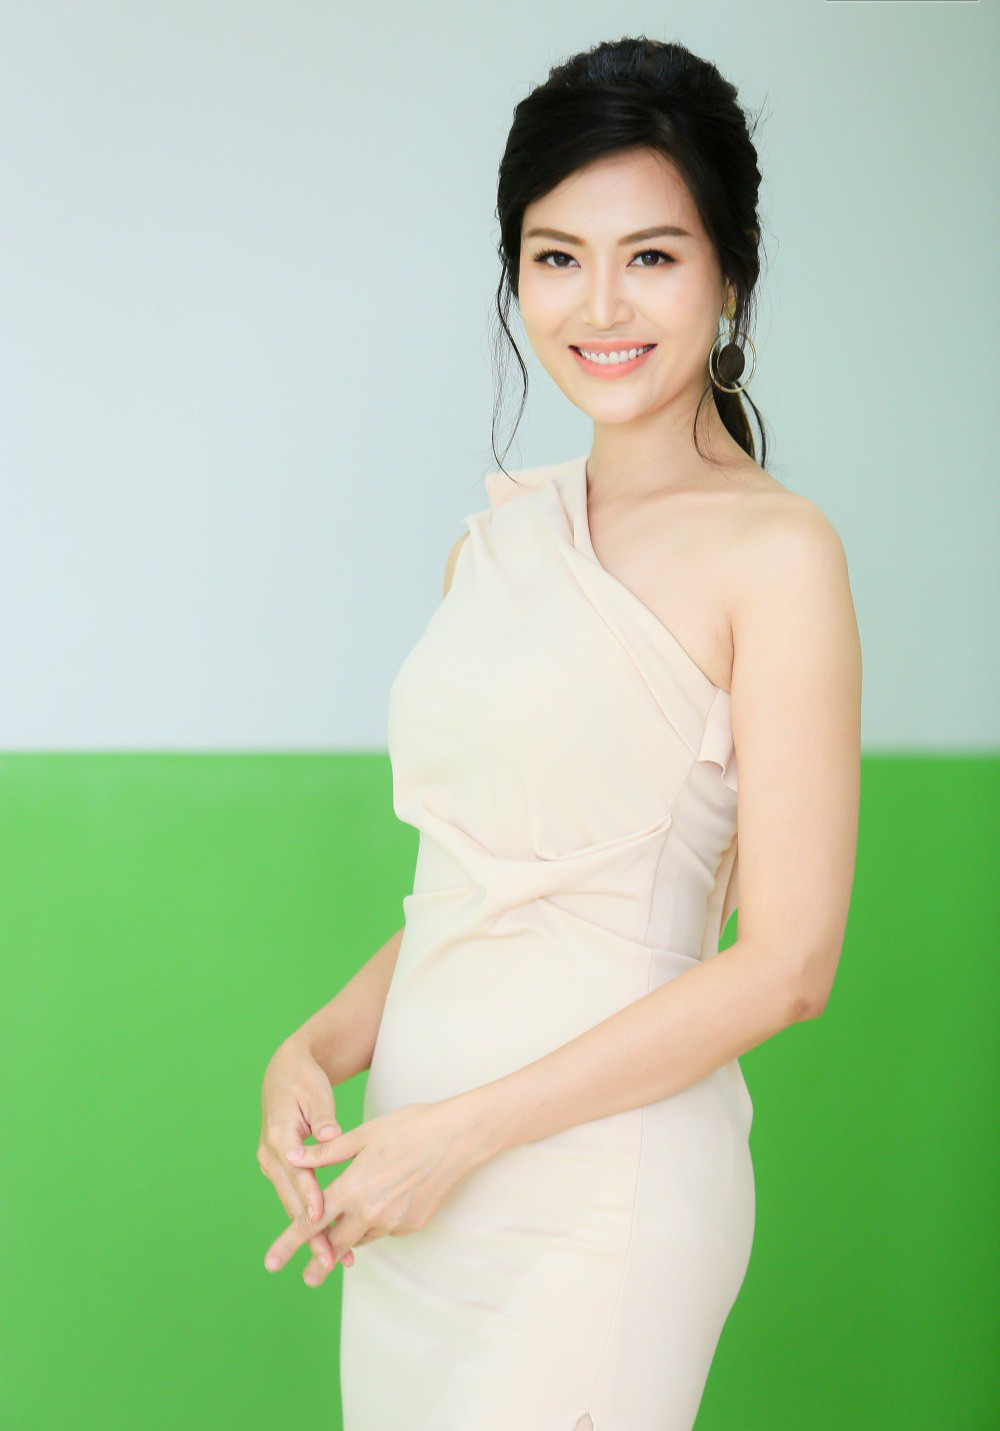 Hoa hậu VN Nguyễn Thu Thủy qua đời do đột quỵ khiến showbiz Việt bàng hoàng - hình ảnh 3